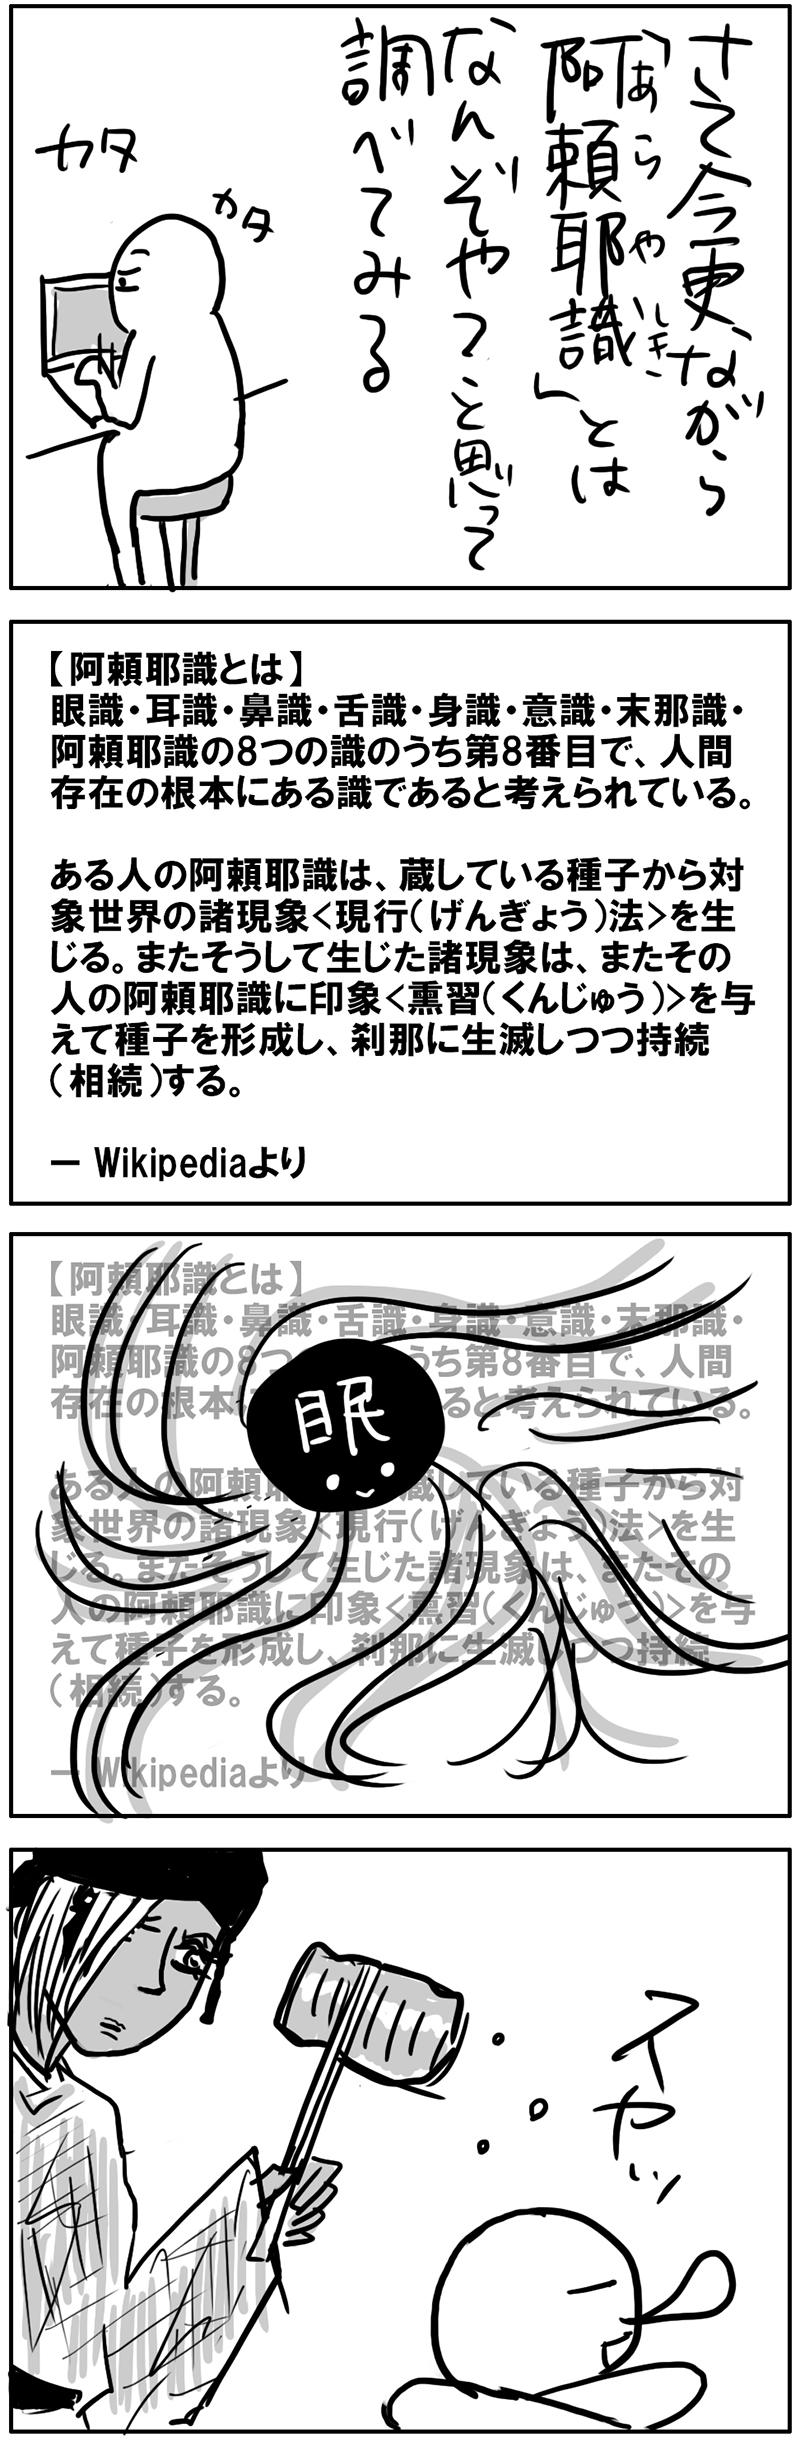 katakrico_170214_2